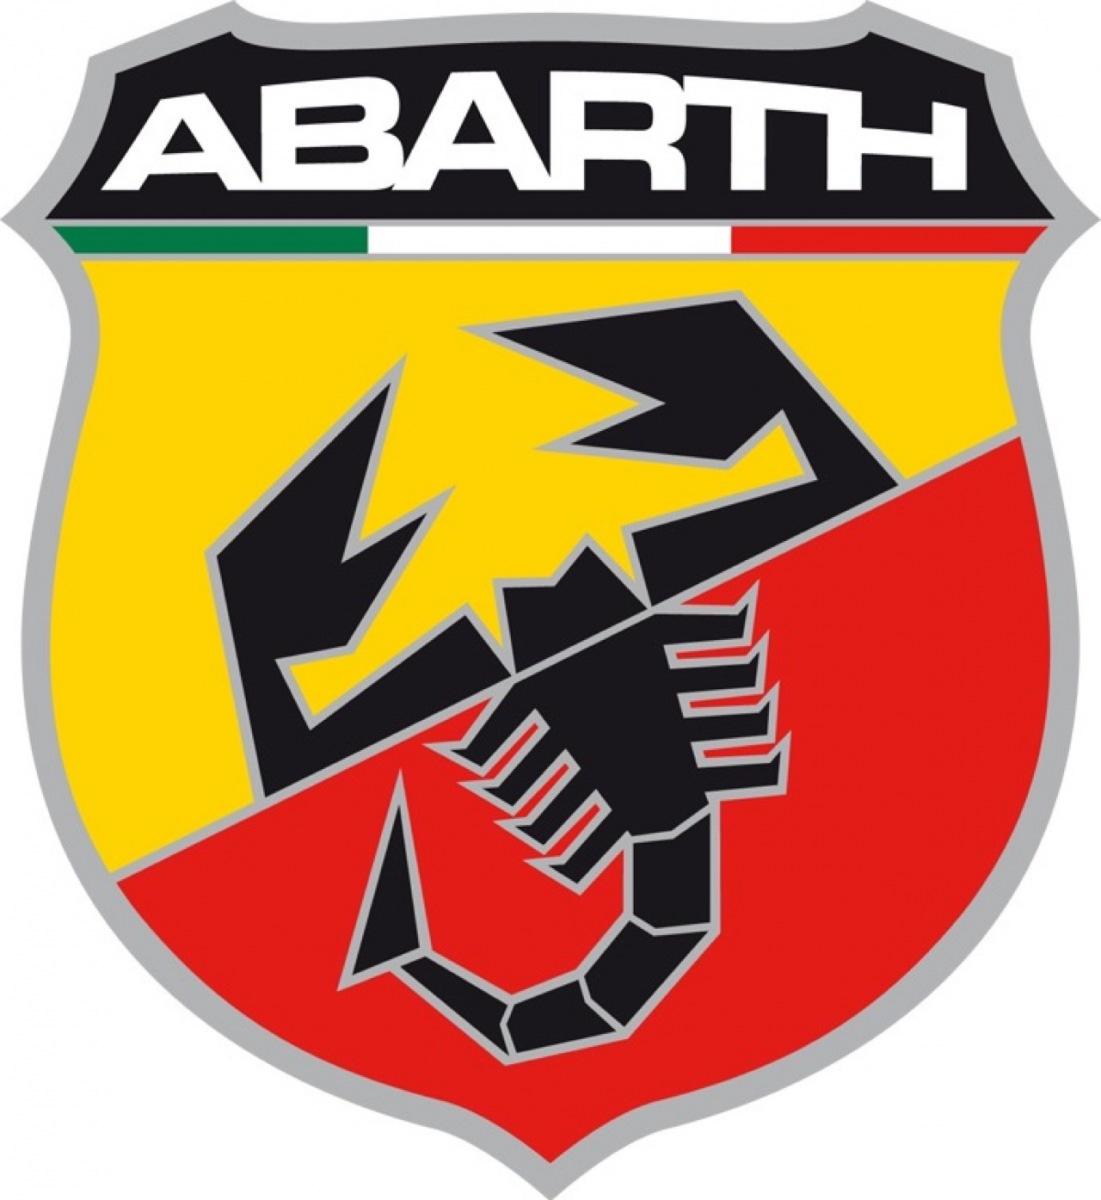 Abarth - La storia del logo dello Scorpione